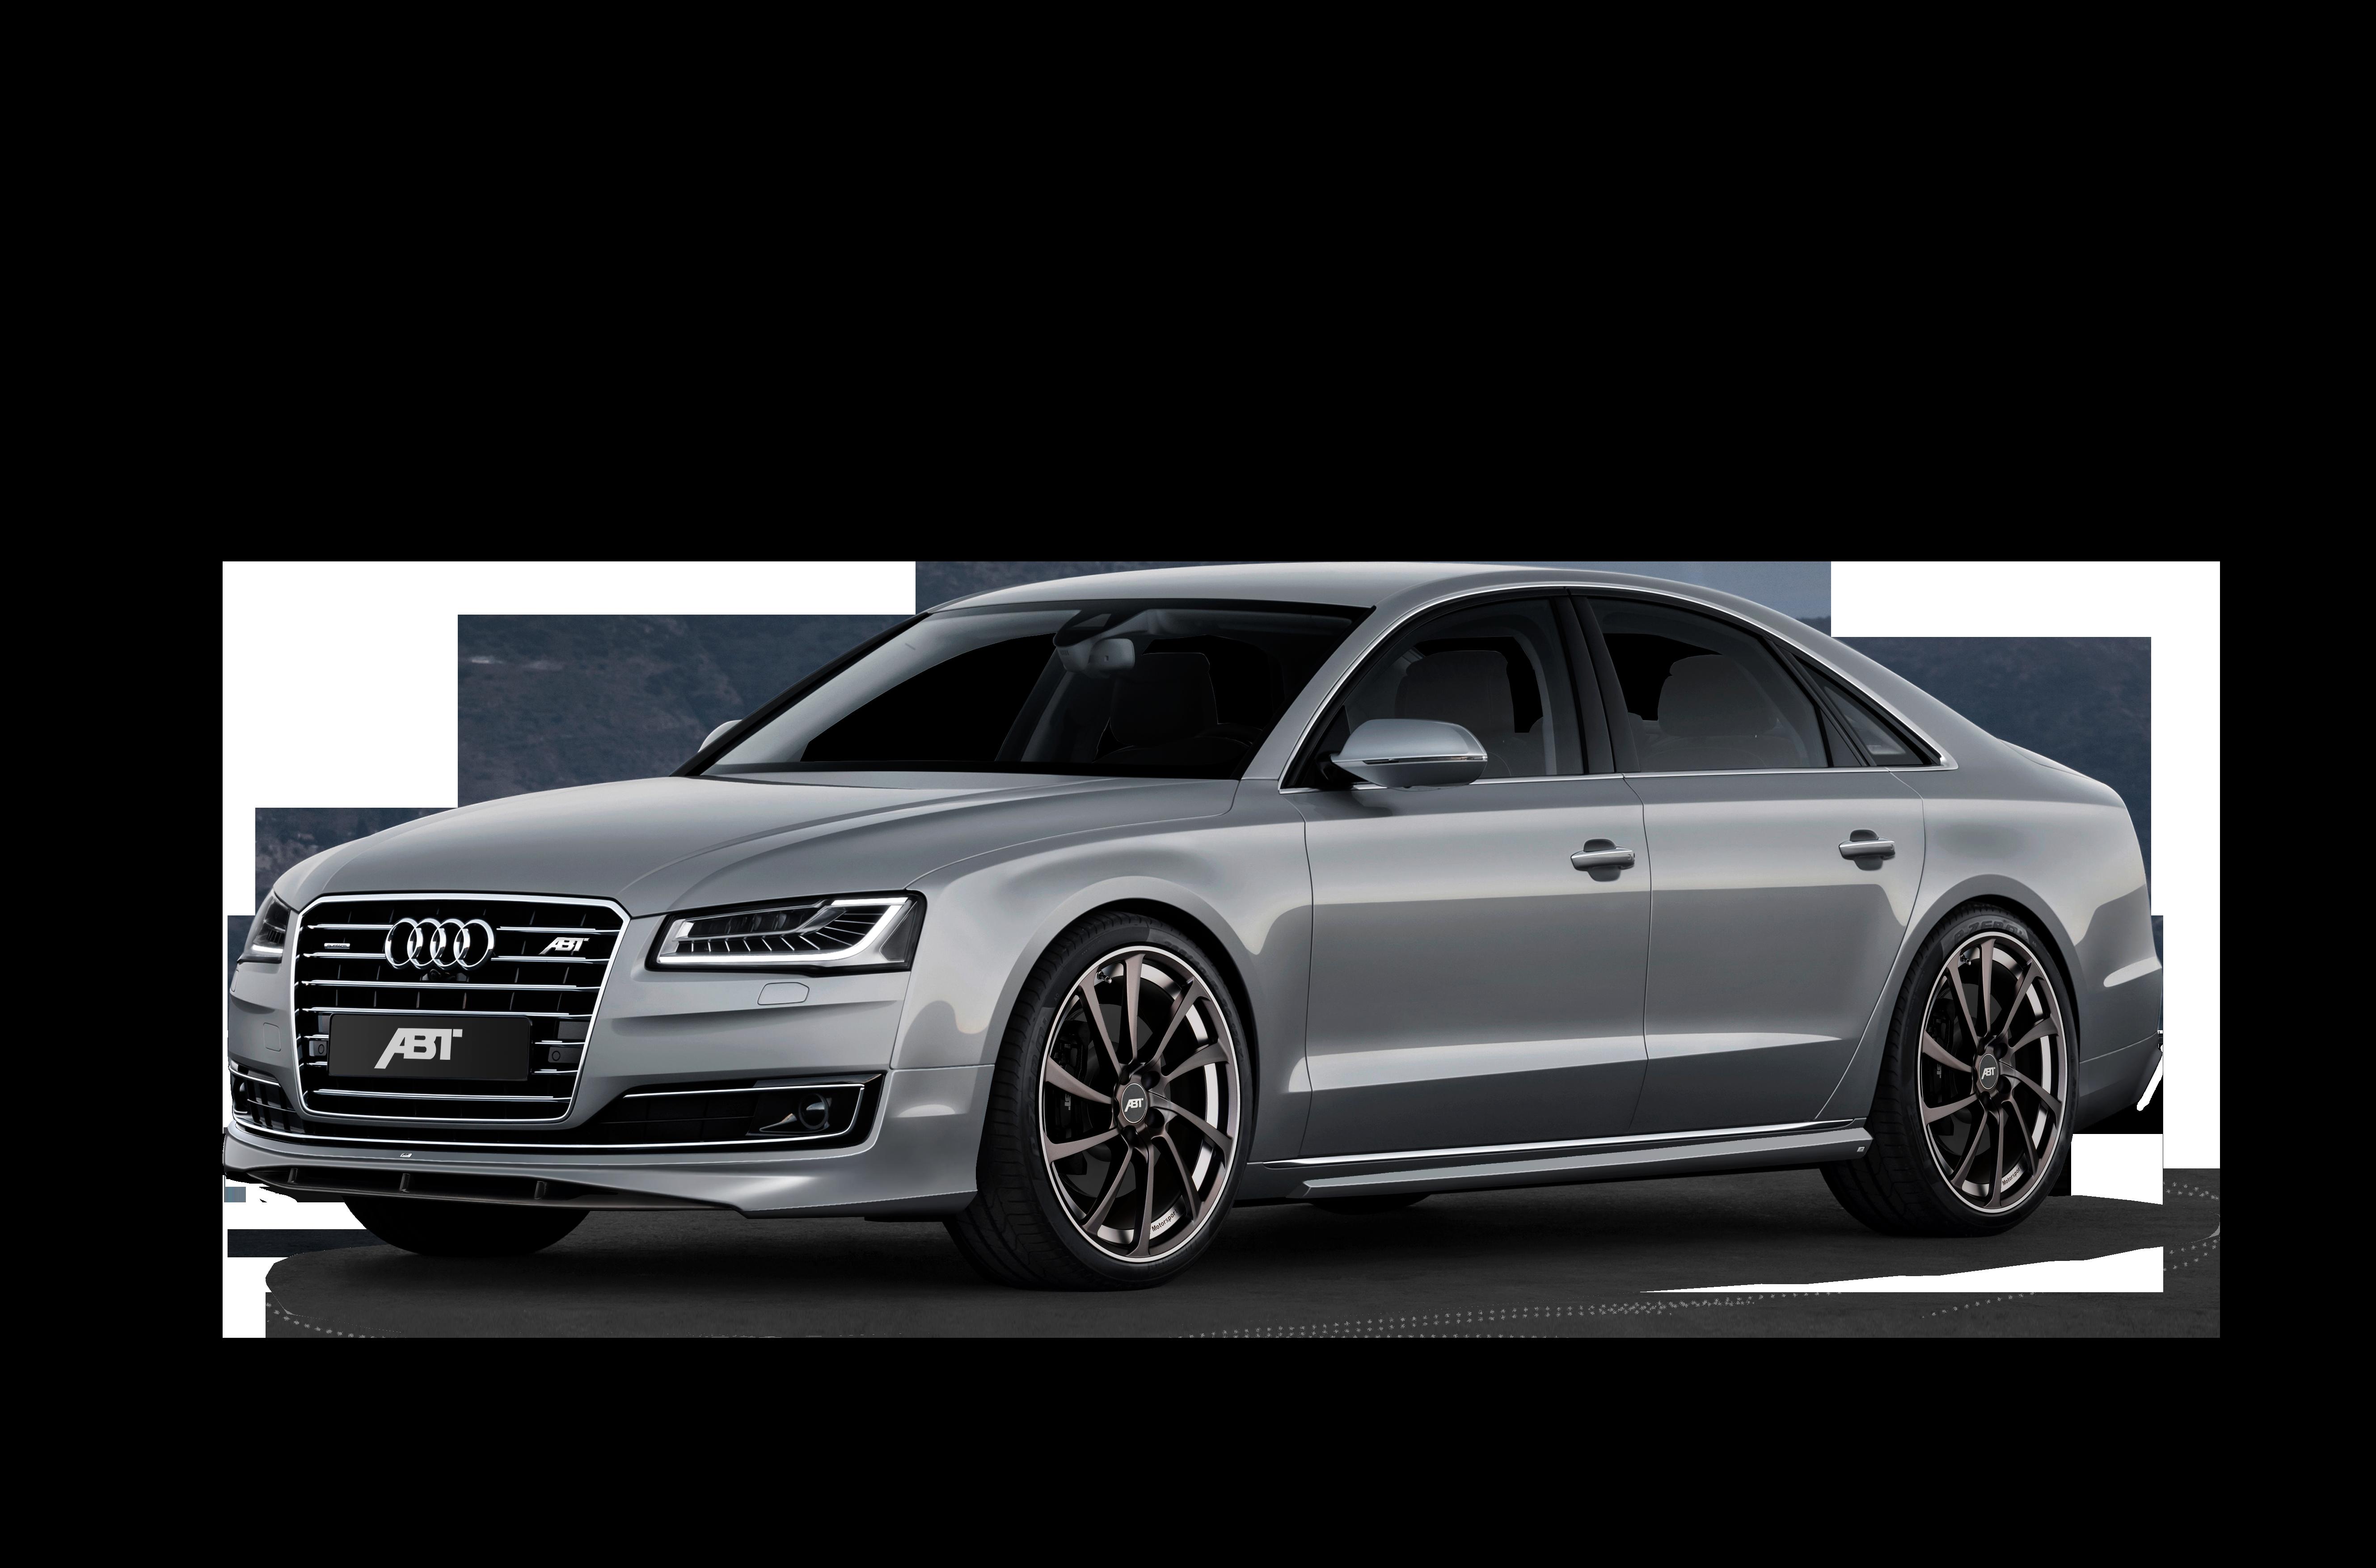 Audi A ABT Sportsline - Audi car configurator